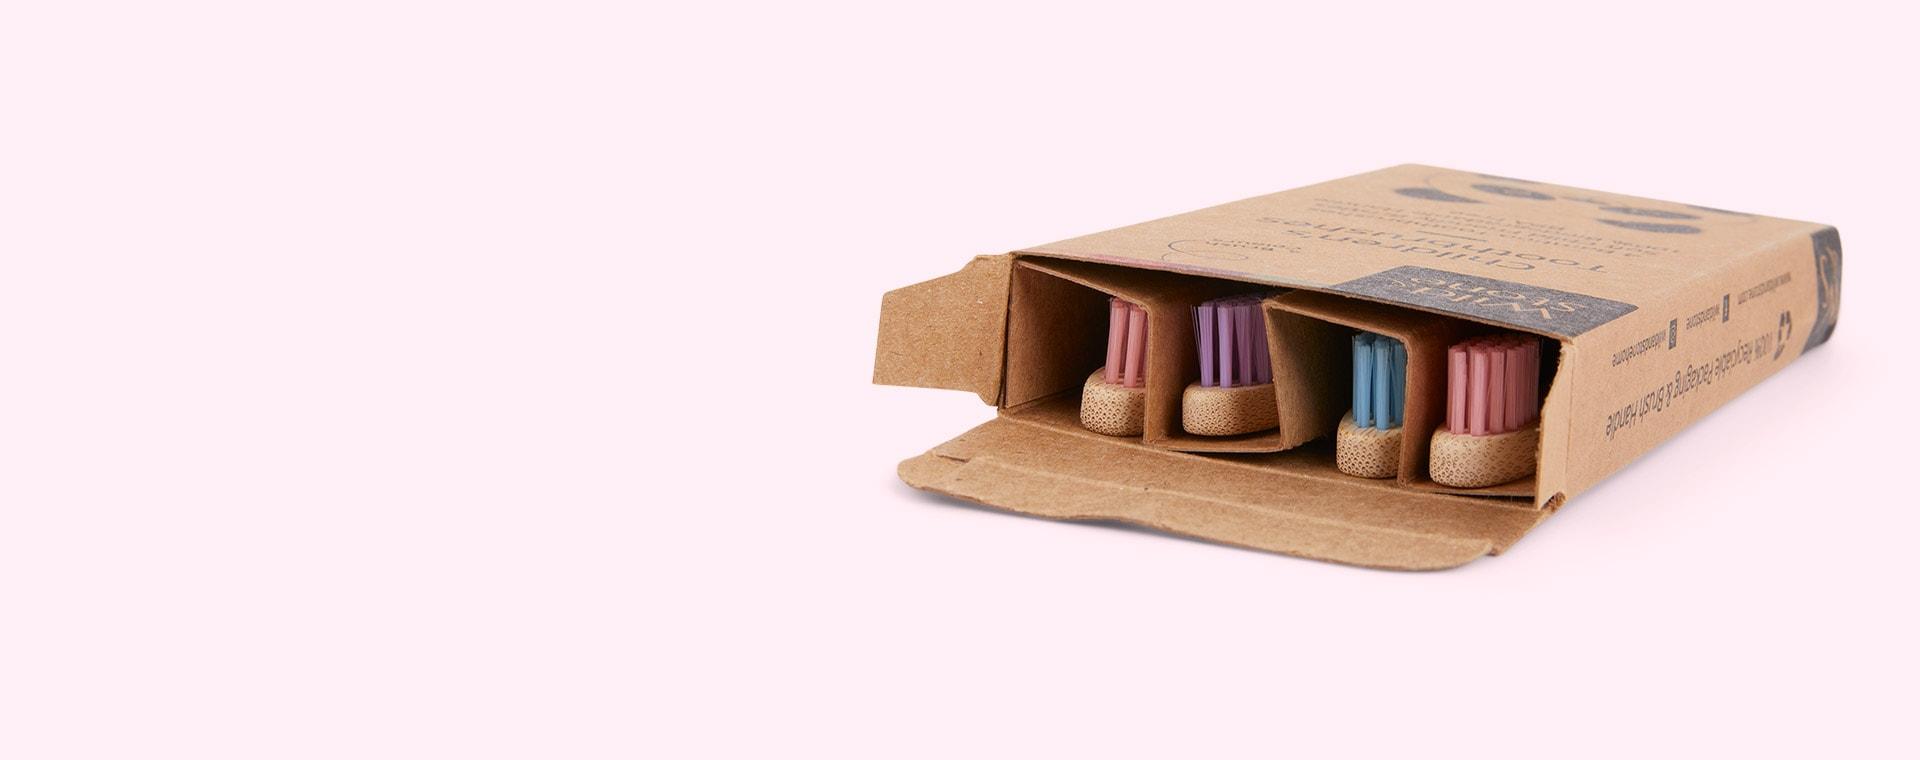 Candy Wild & Stone 4-Pack Organic Children's Bamboo Toothbrush